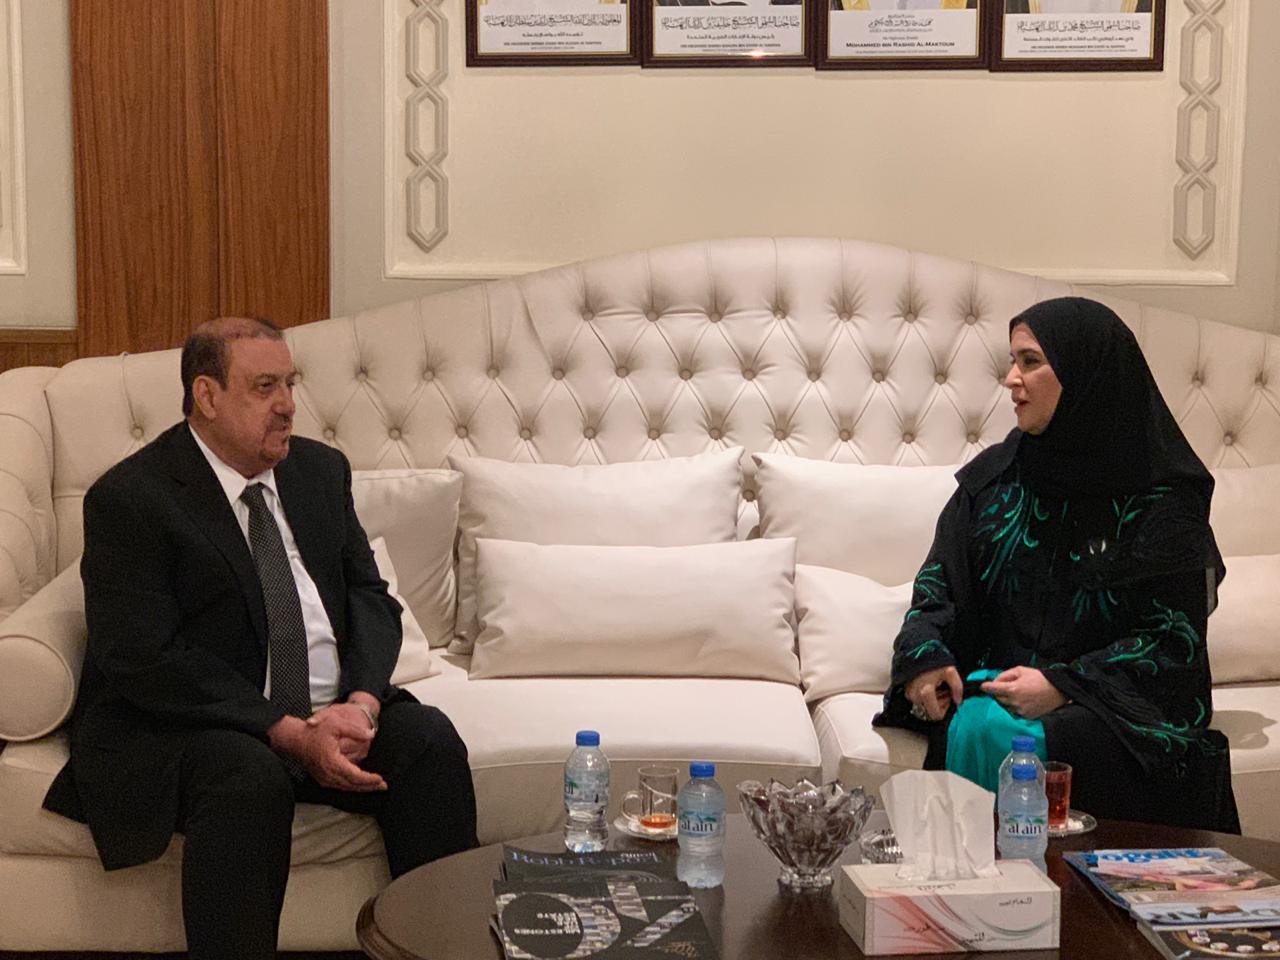 رئيس مجلس النواب يصل ابوظبي في زيارة رسمية تستغرق عدة أيام